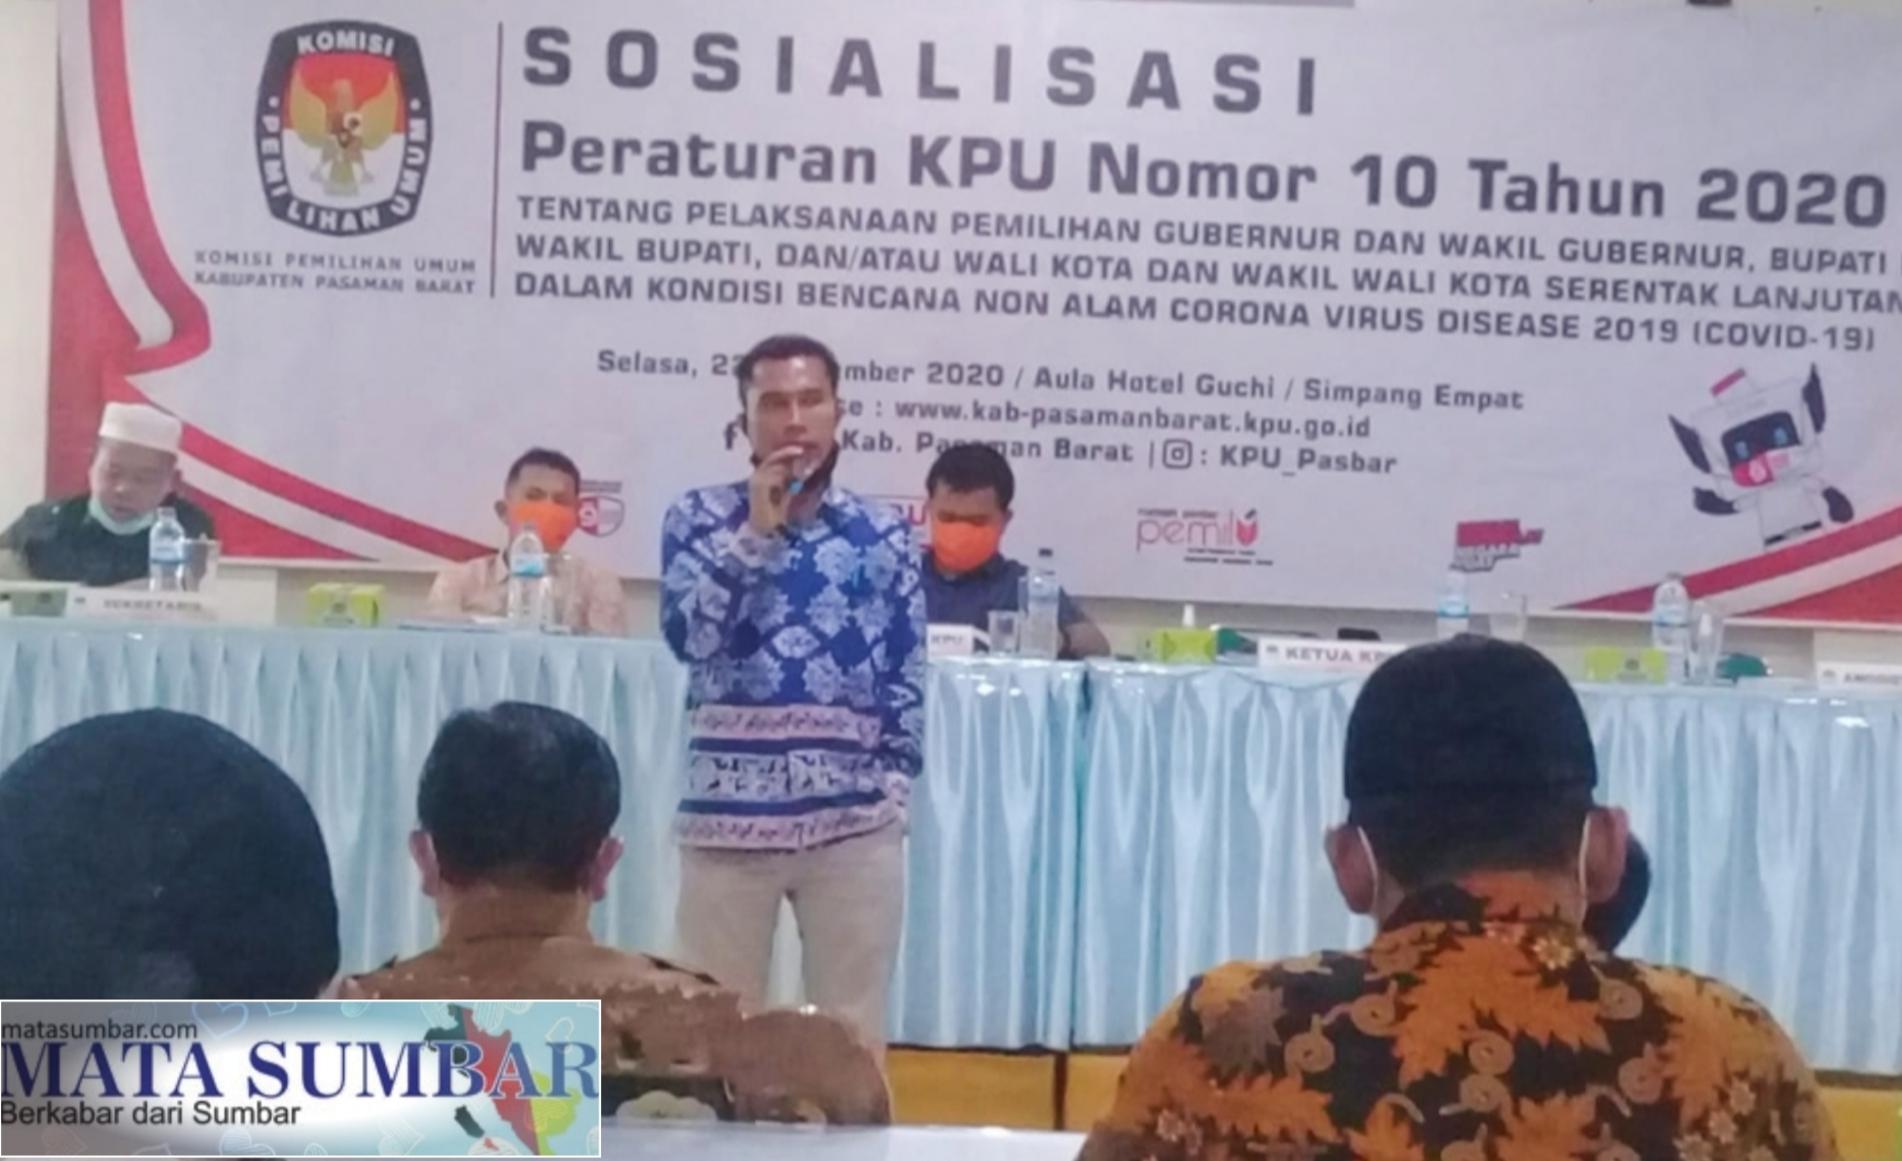 KPU Pasbar Sosialisasikan Peraturan PKPU Nomor 10 Tahun 2020